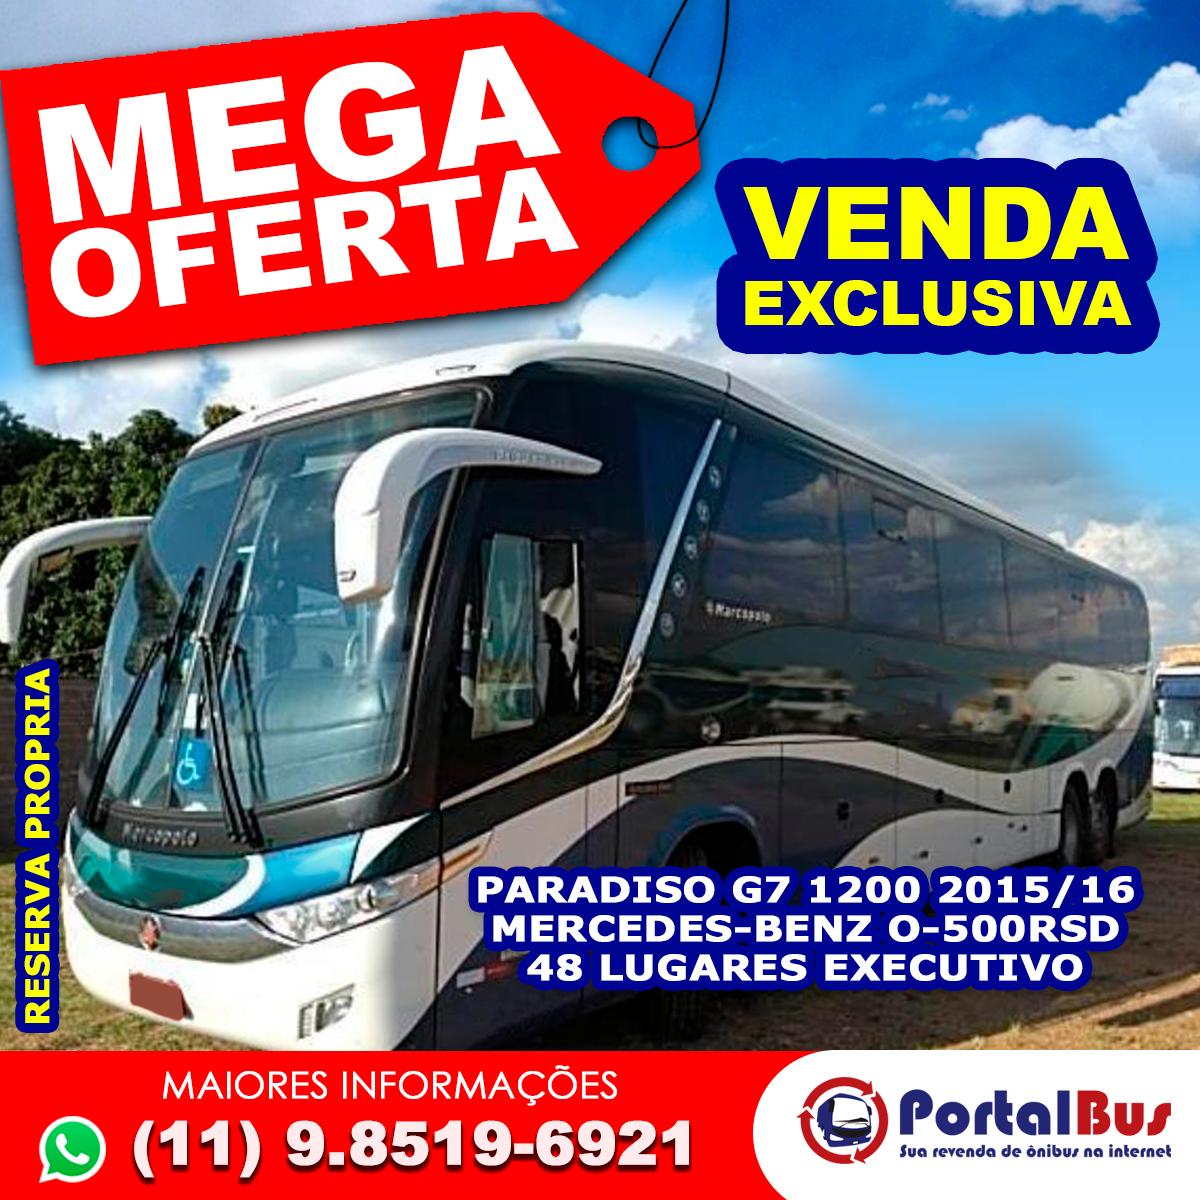 mega-oferta-venda-exclusiva.png